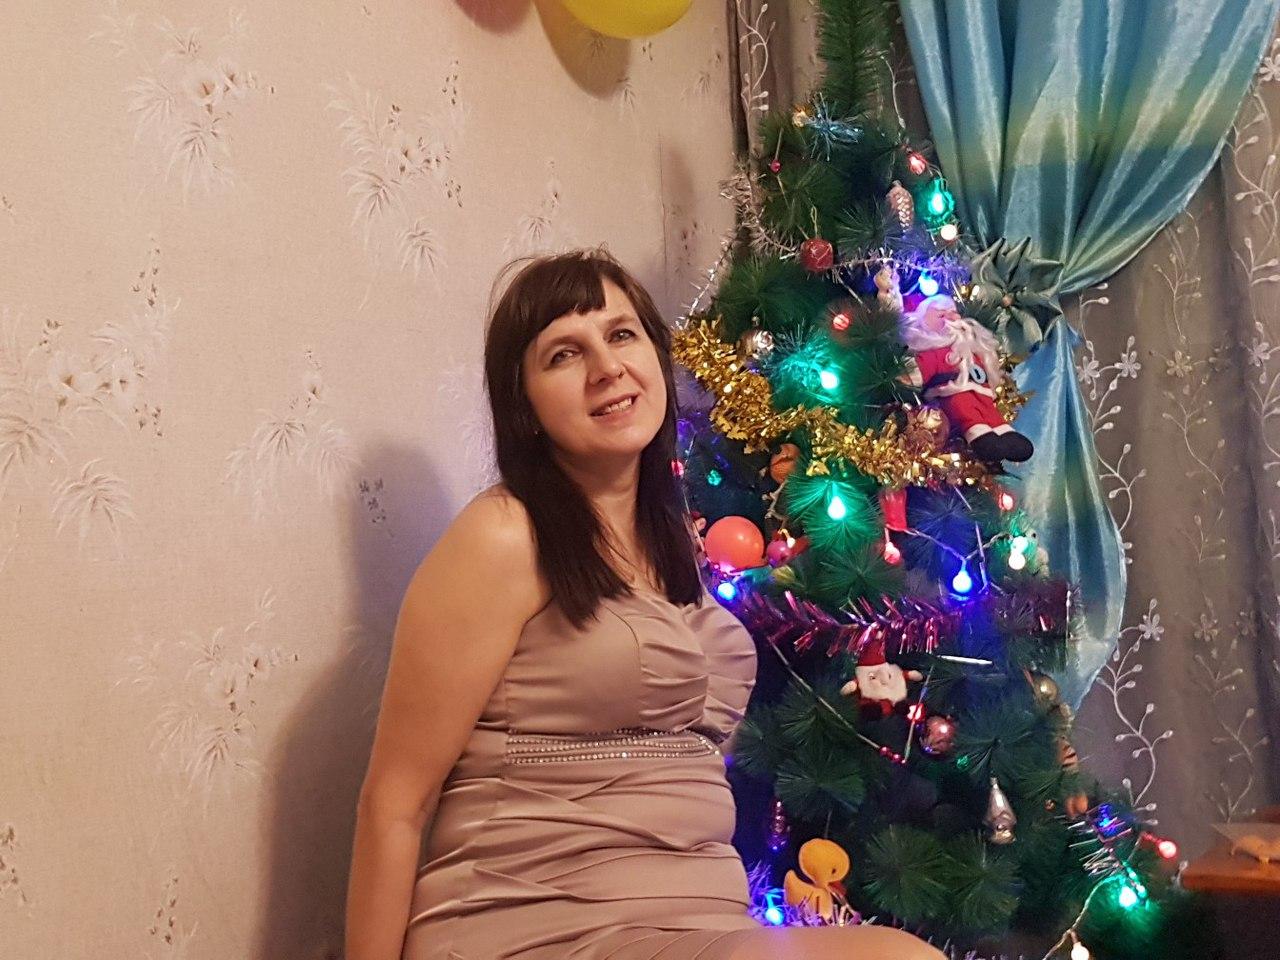 Поздравления на день рождения женщине антонине фото 197